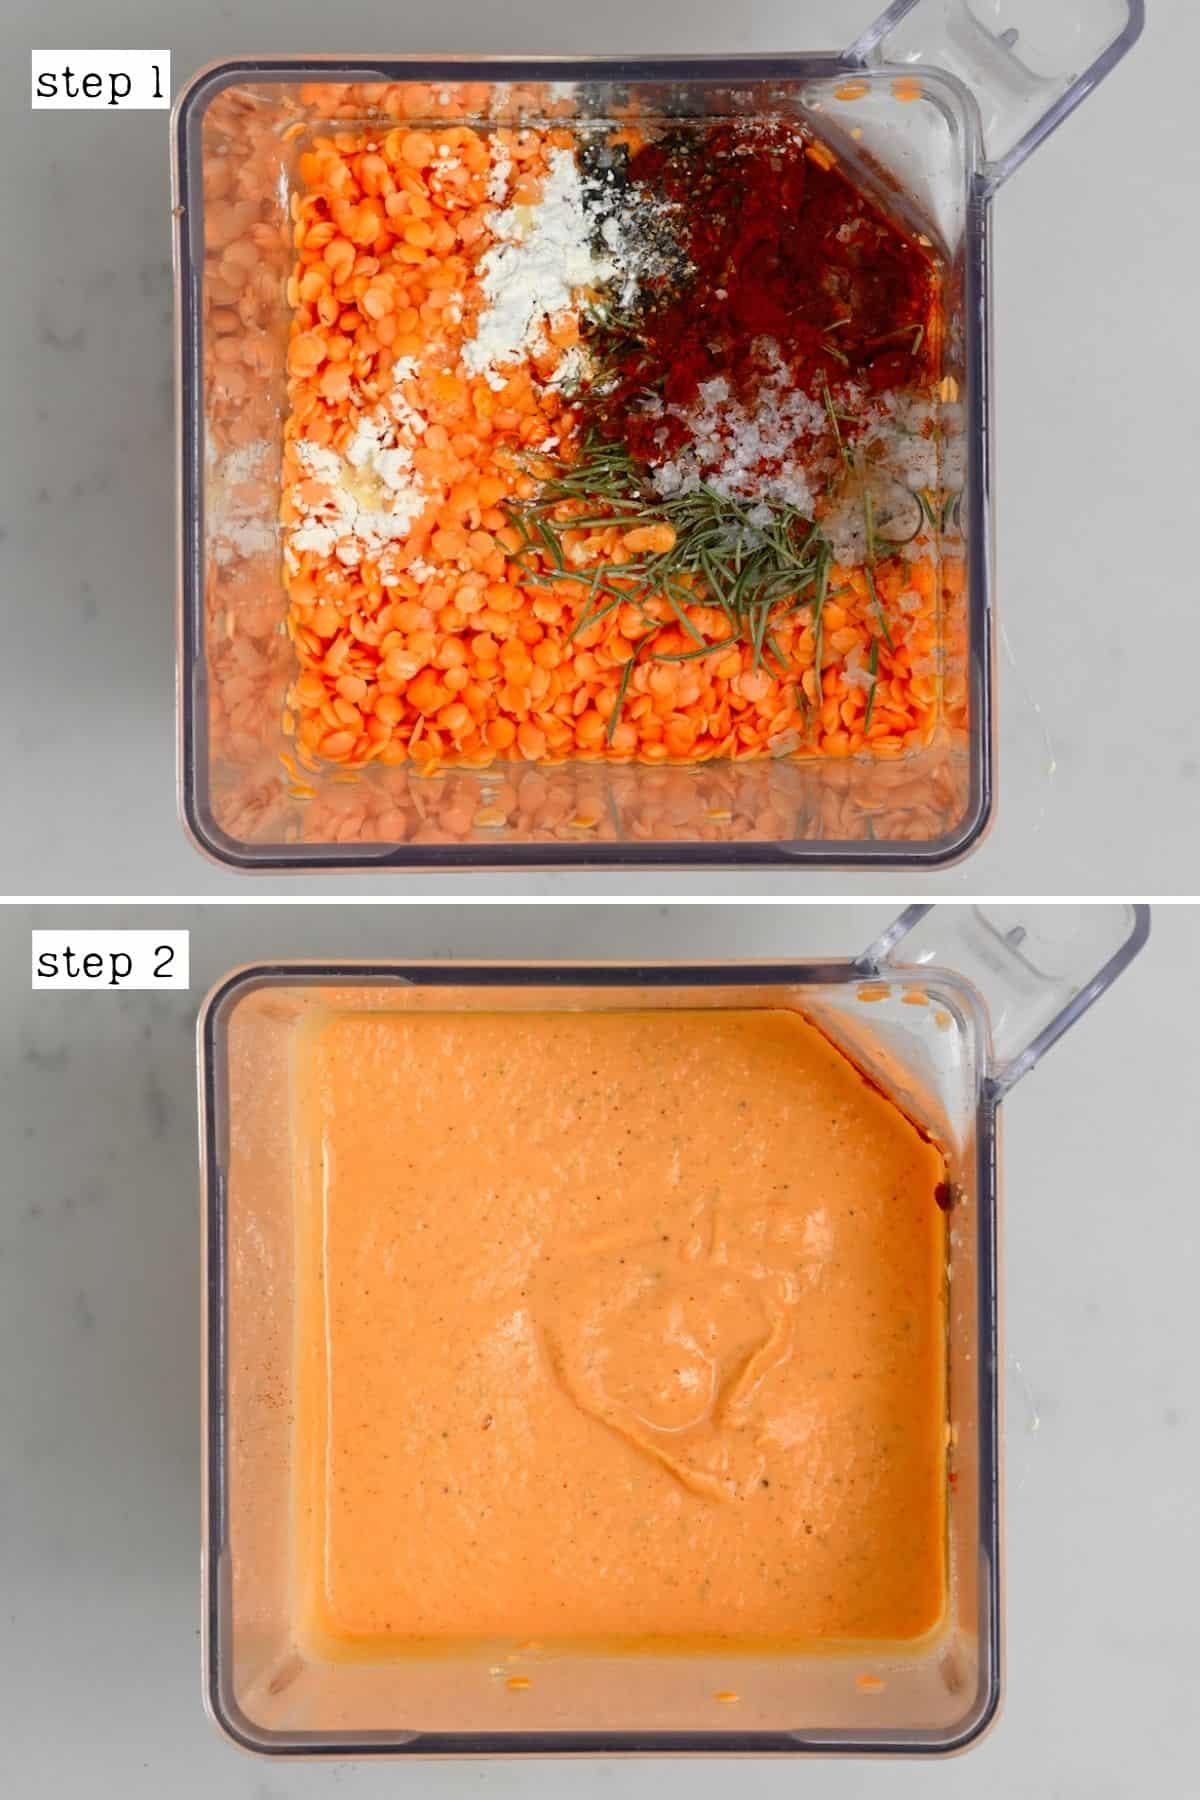 Steps for making red lentil crackers